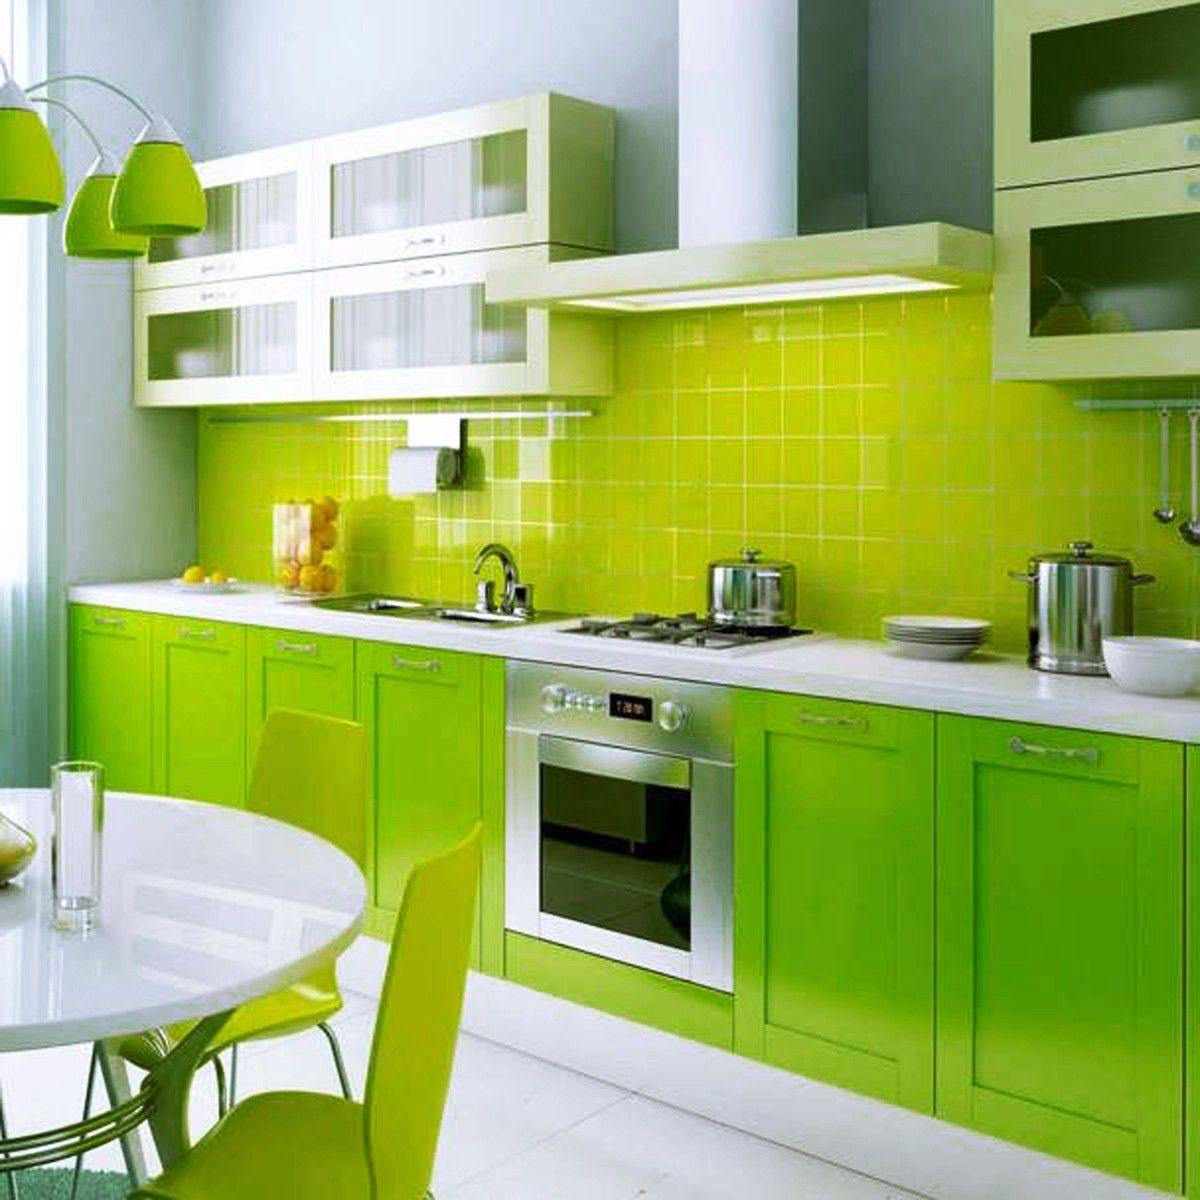 15x15 tc736 ikon lime green gloss 150mmx150mm kitchen interior green kitchen decor on kitchen interior green id=12012